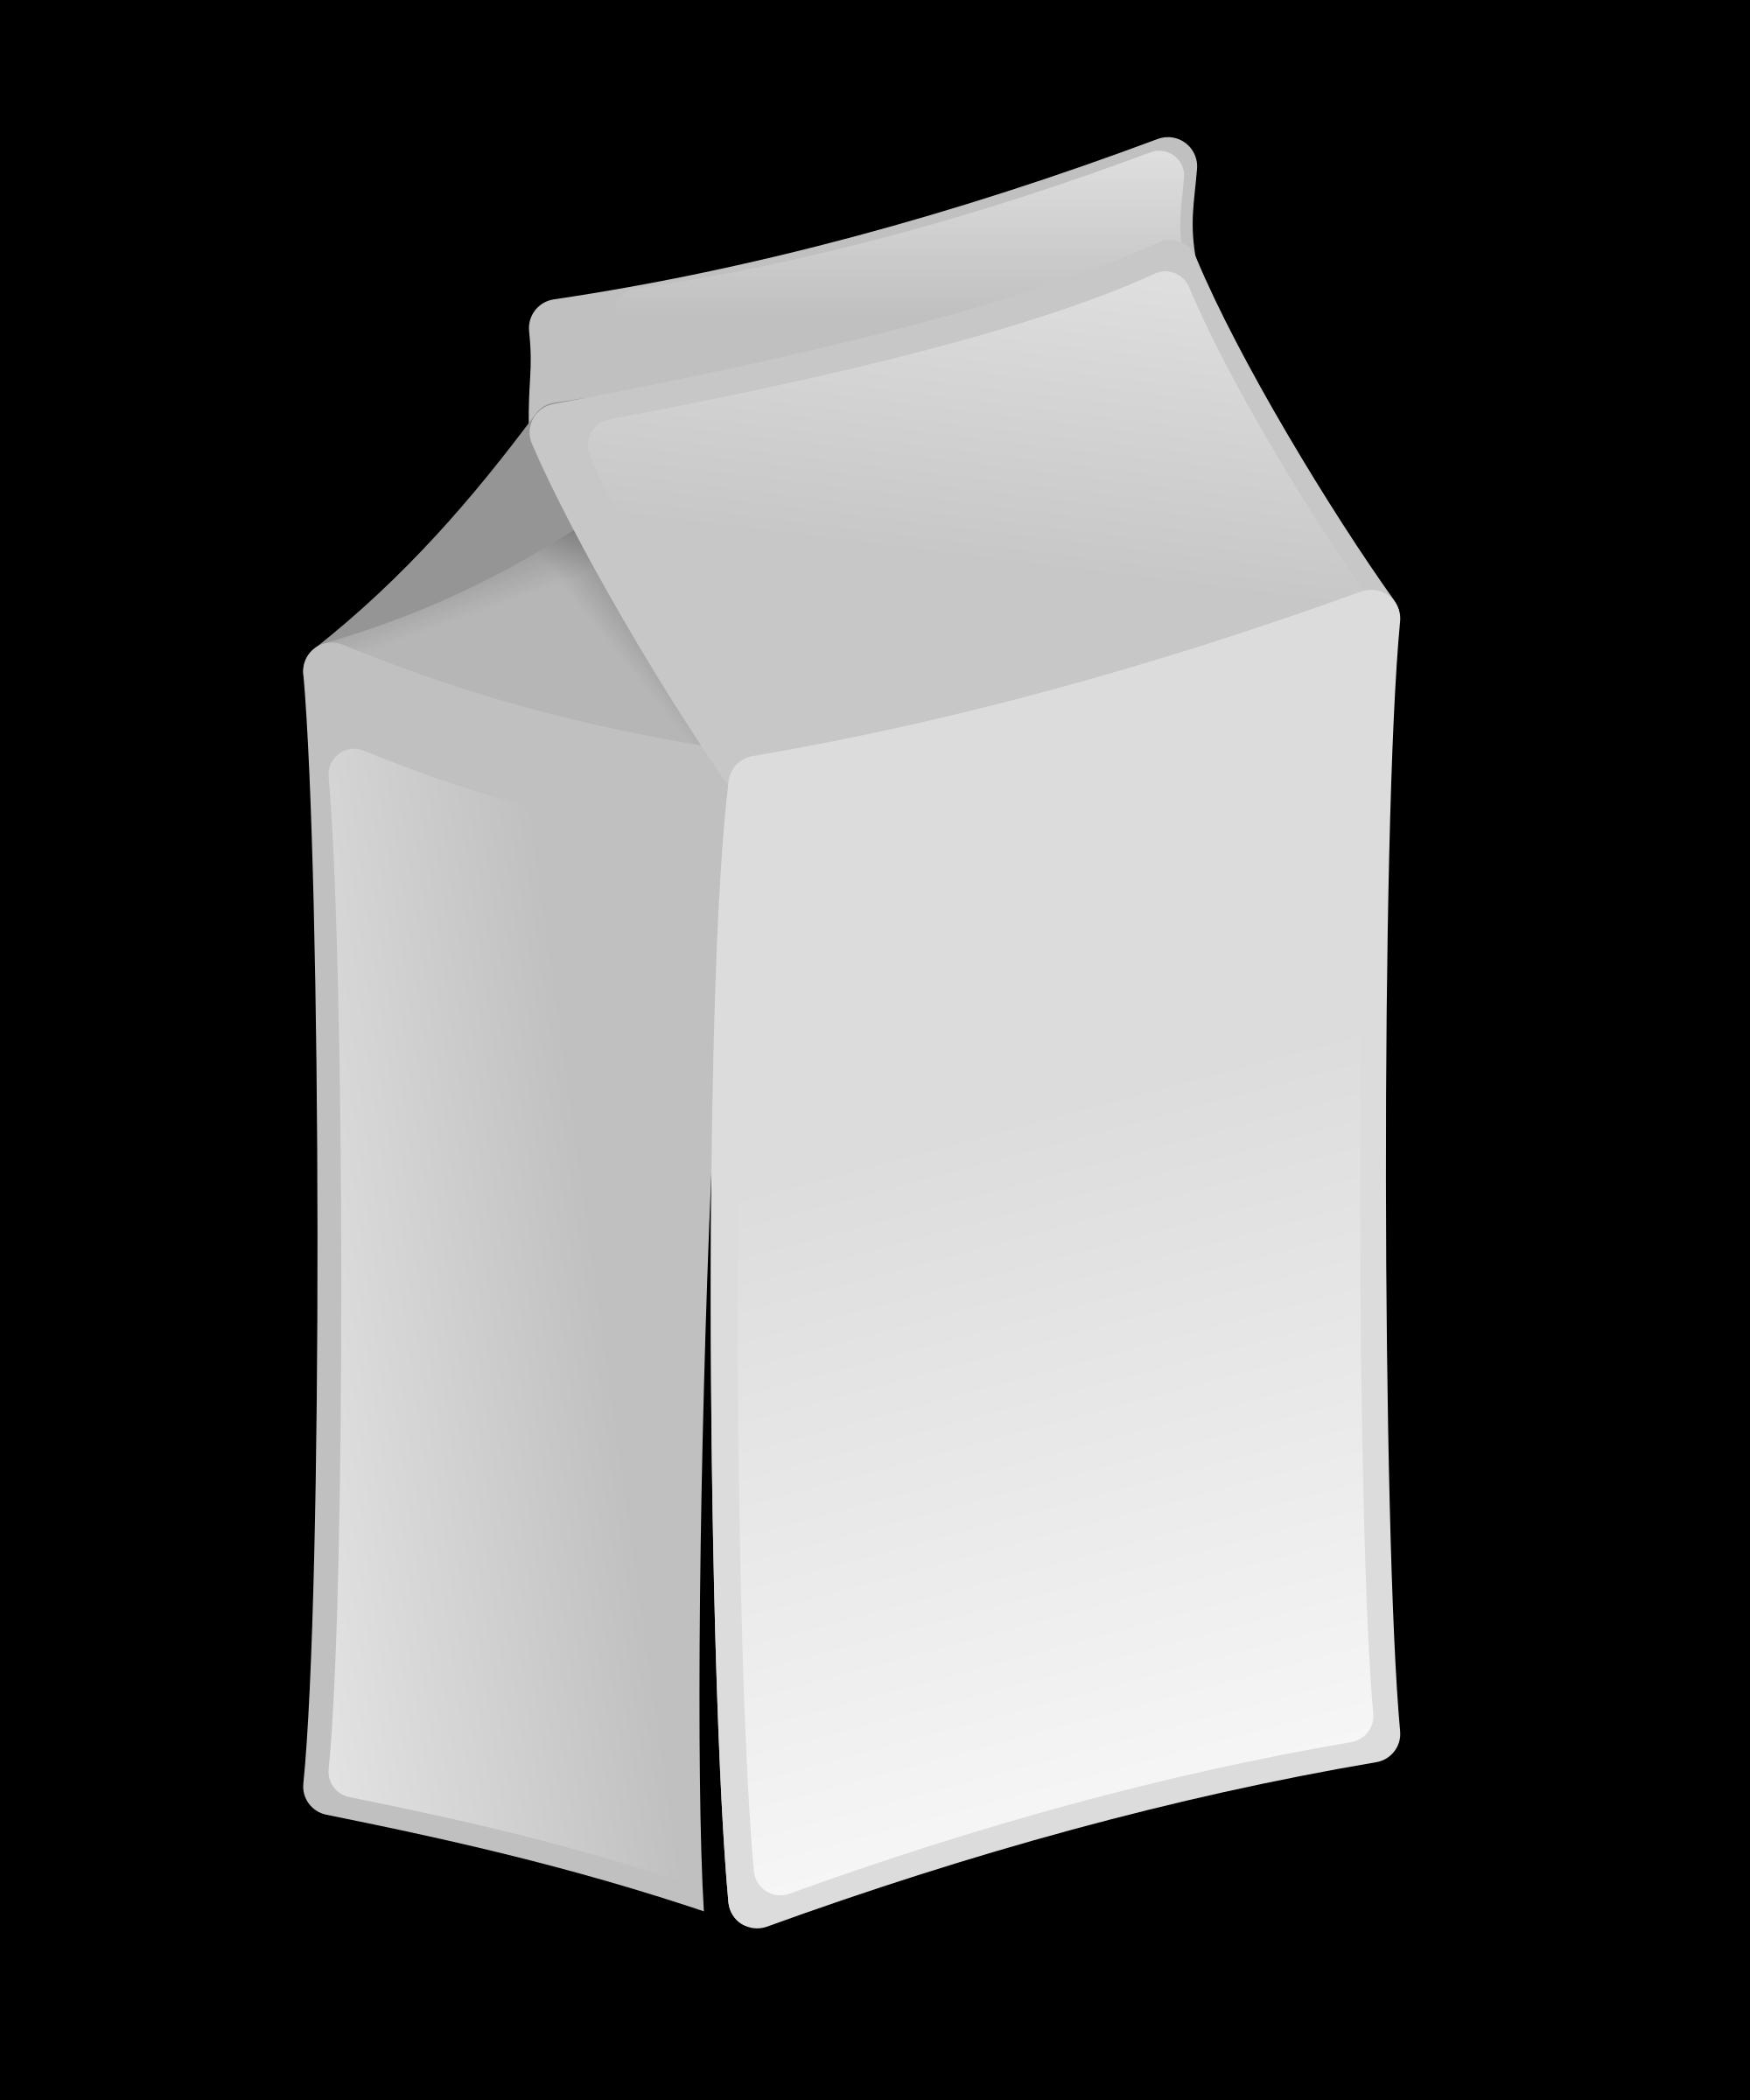 milk clipart white box